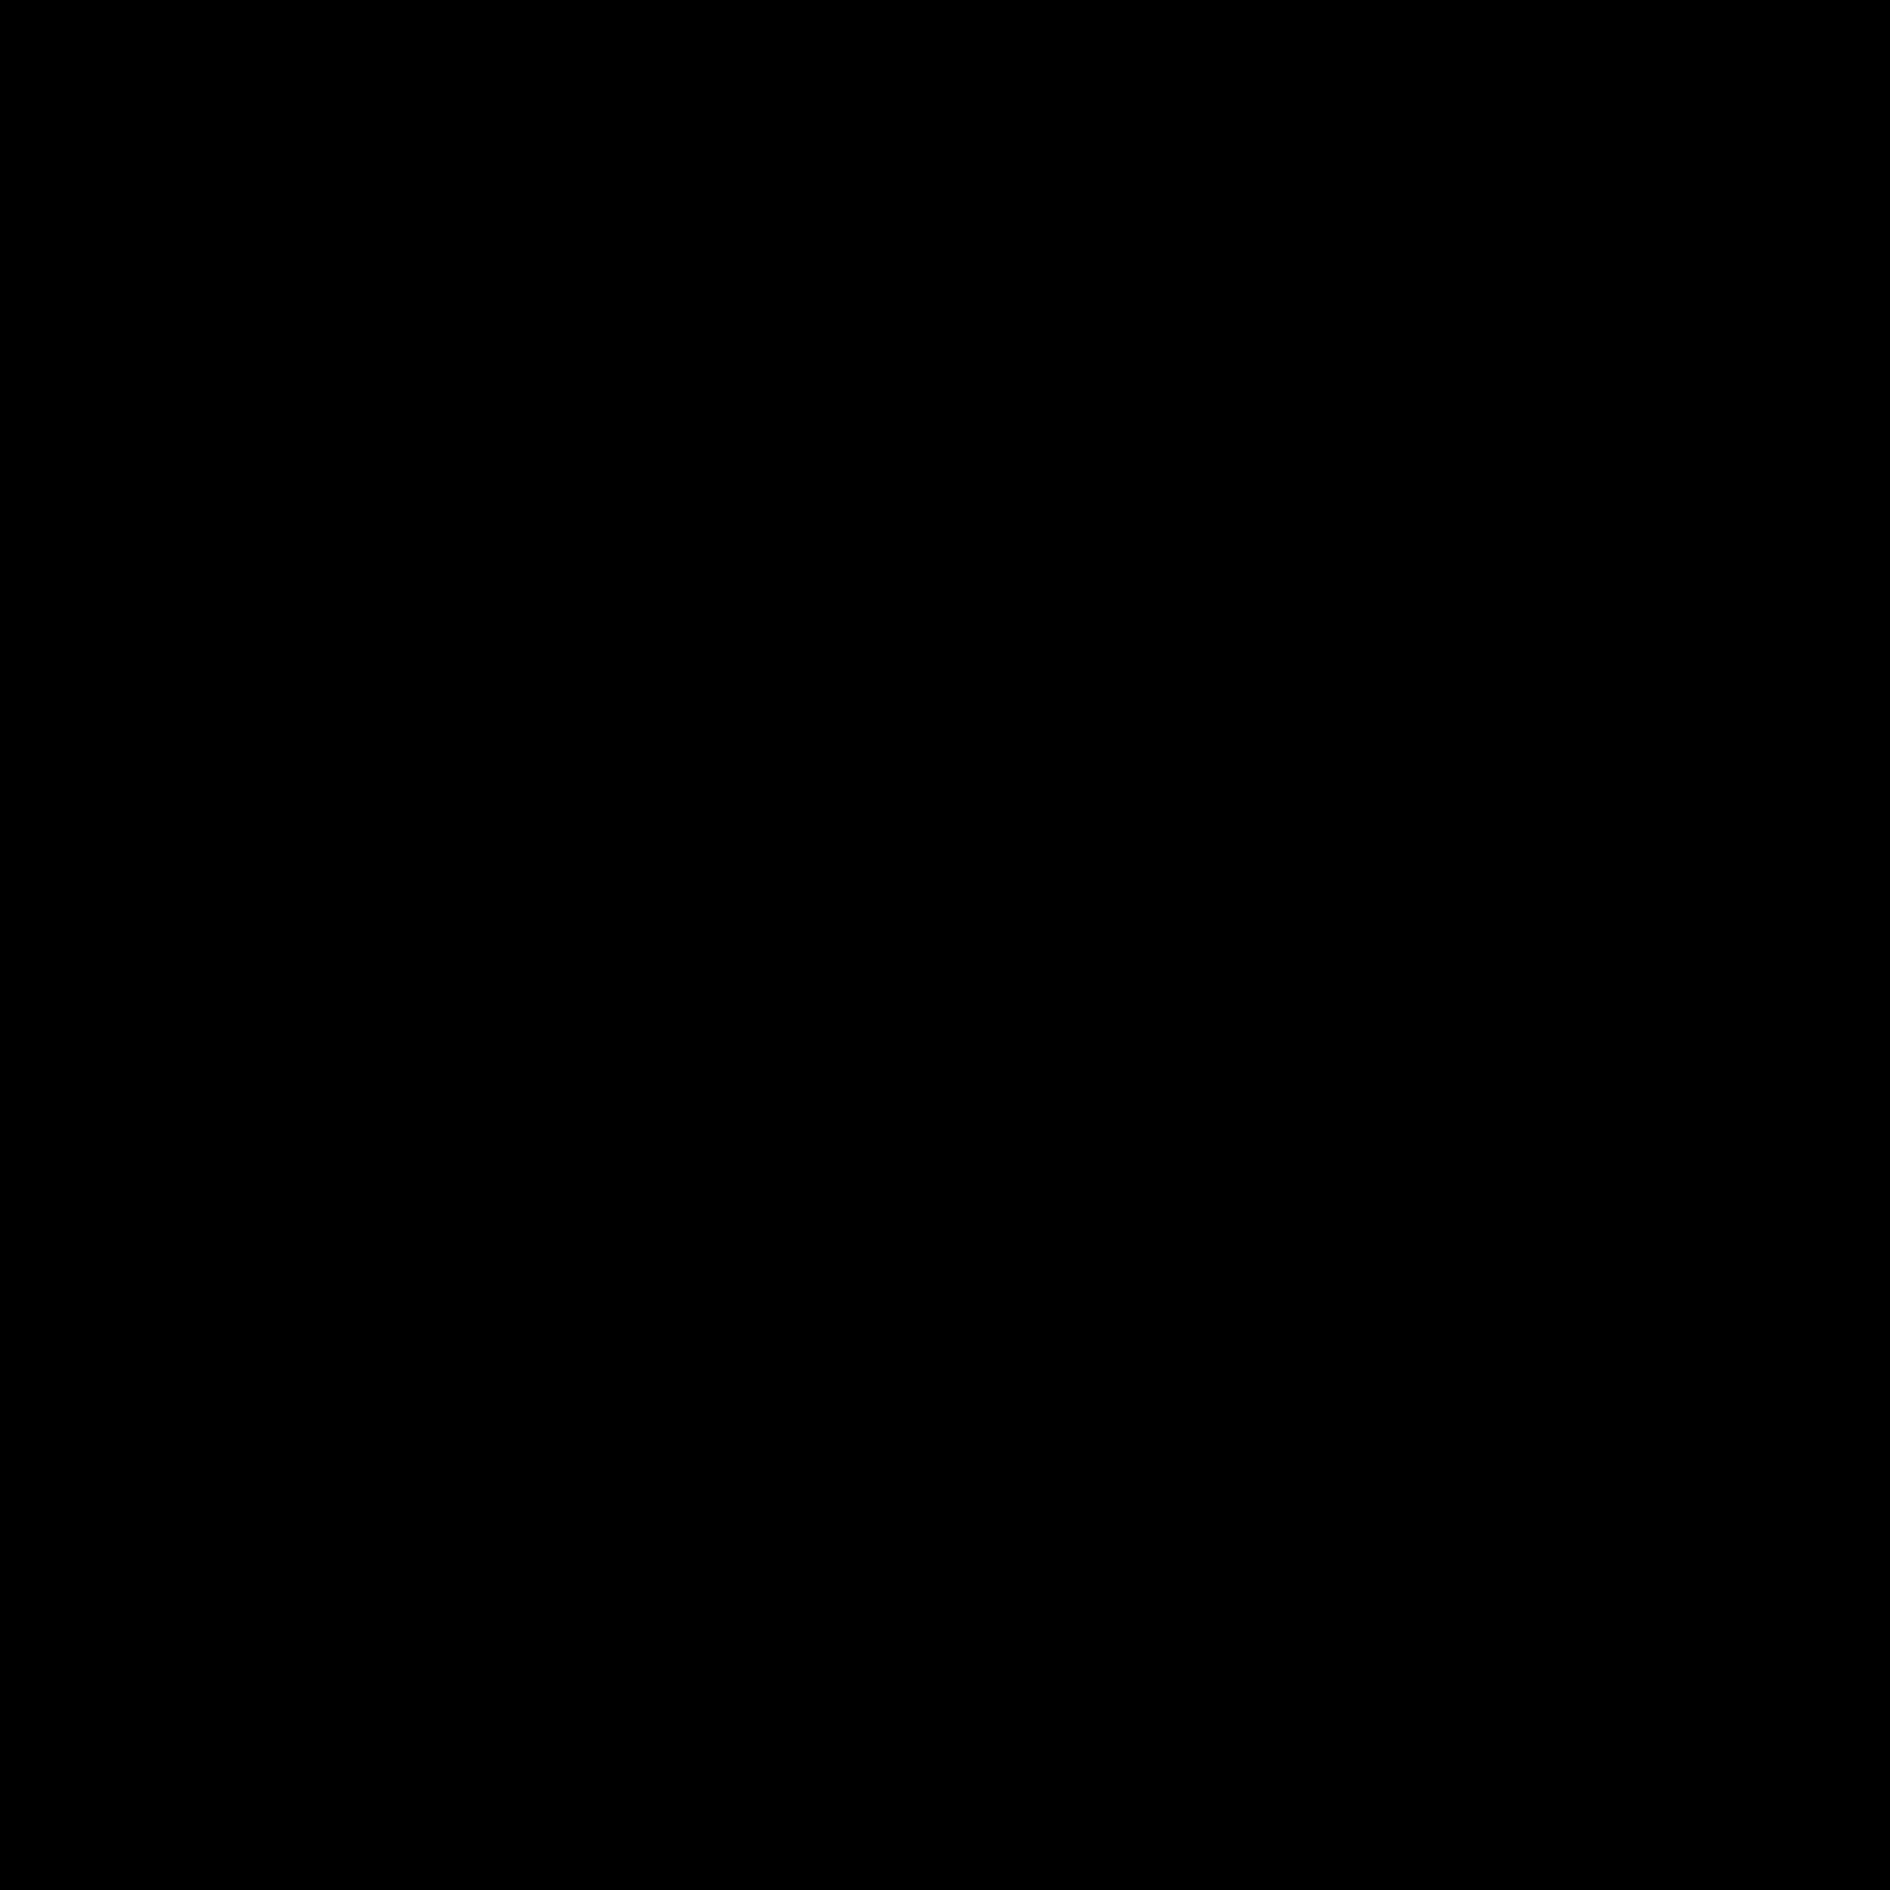 4897b9d196f9475c86e77c9629e434da (1)